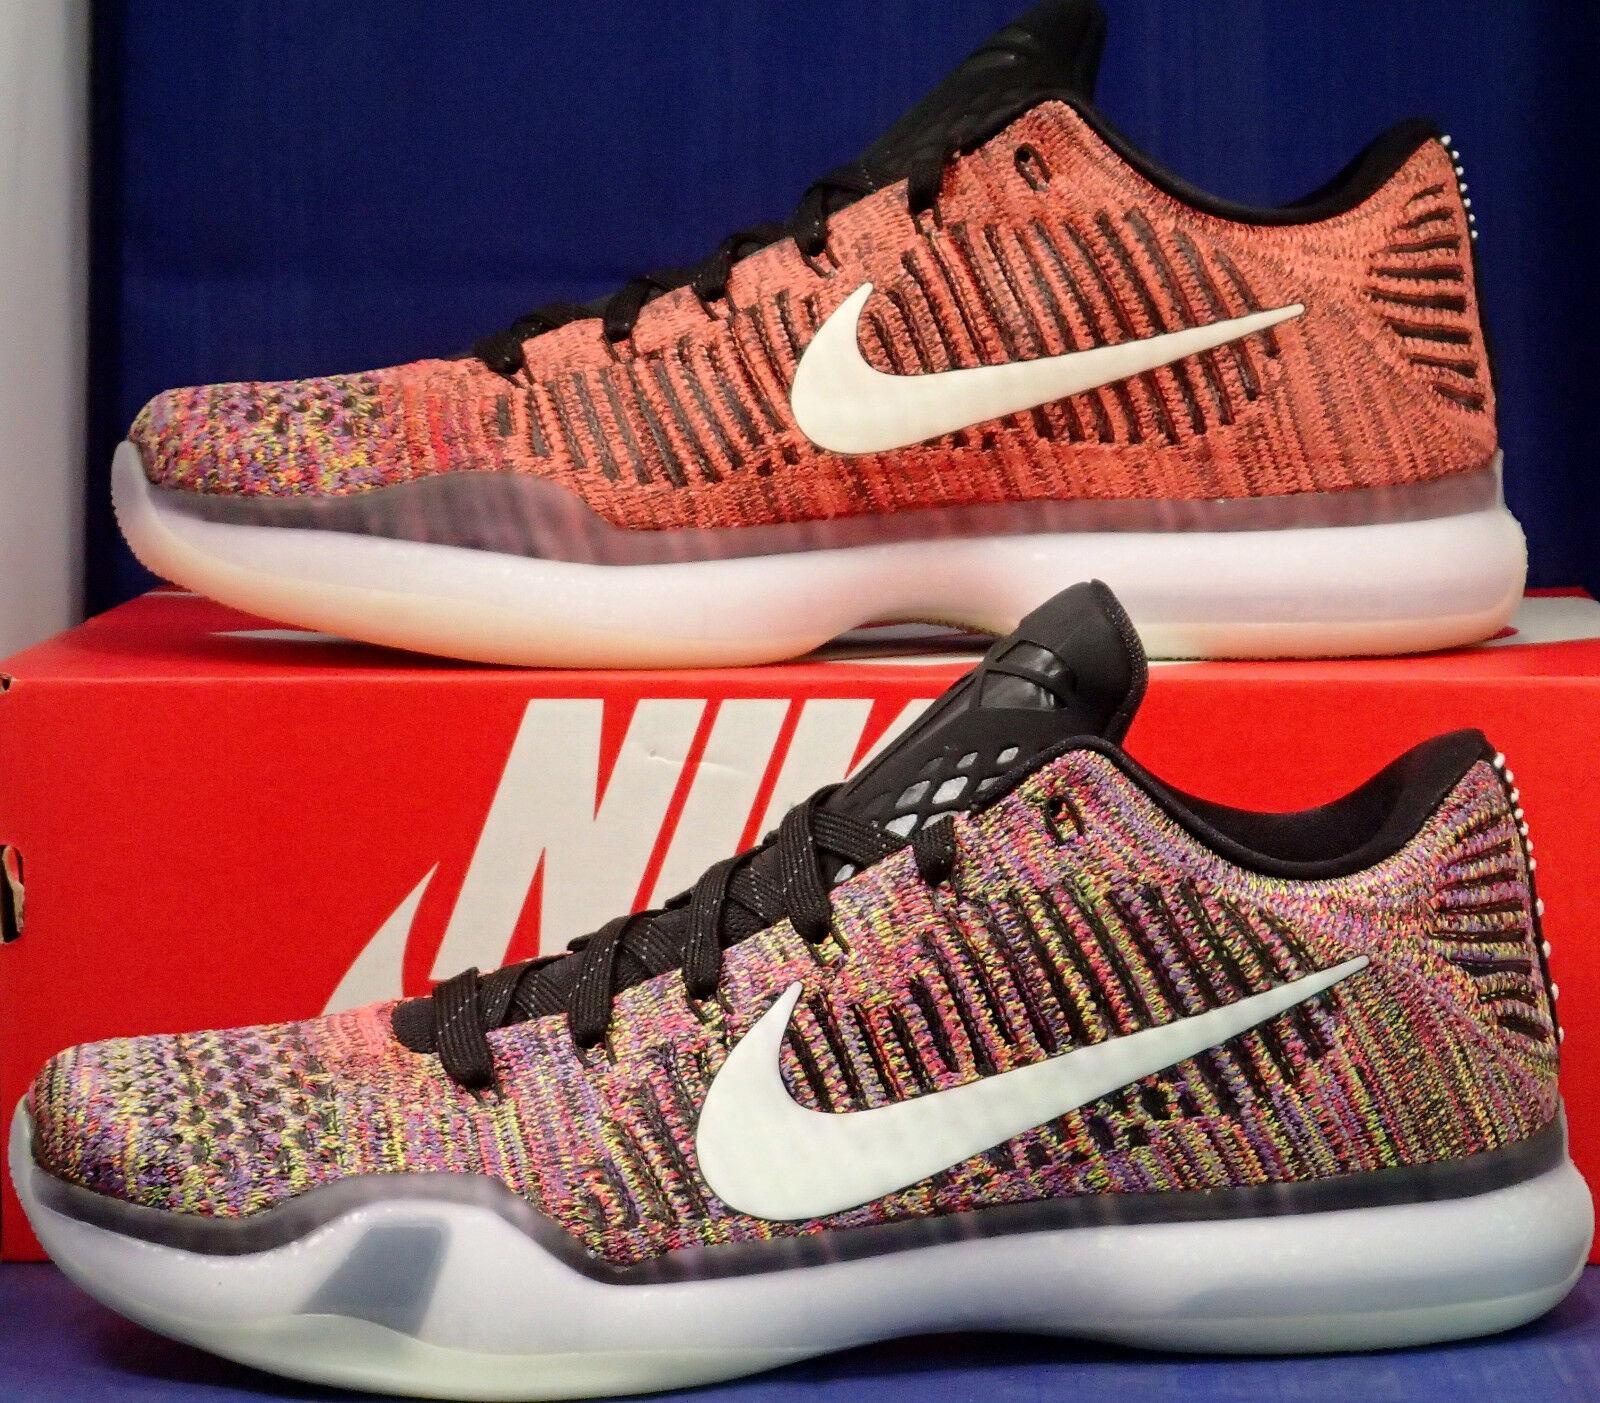 Nike Kobe X 10 Elite Low Flyknit Multicolor GID 2.0 QS iD SZ 10 ( 802817-903 )